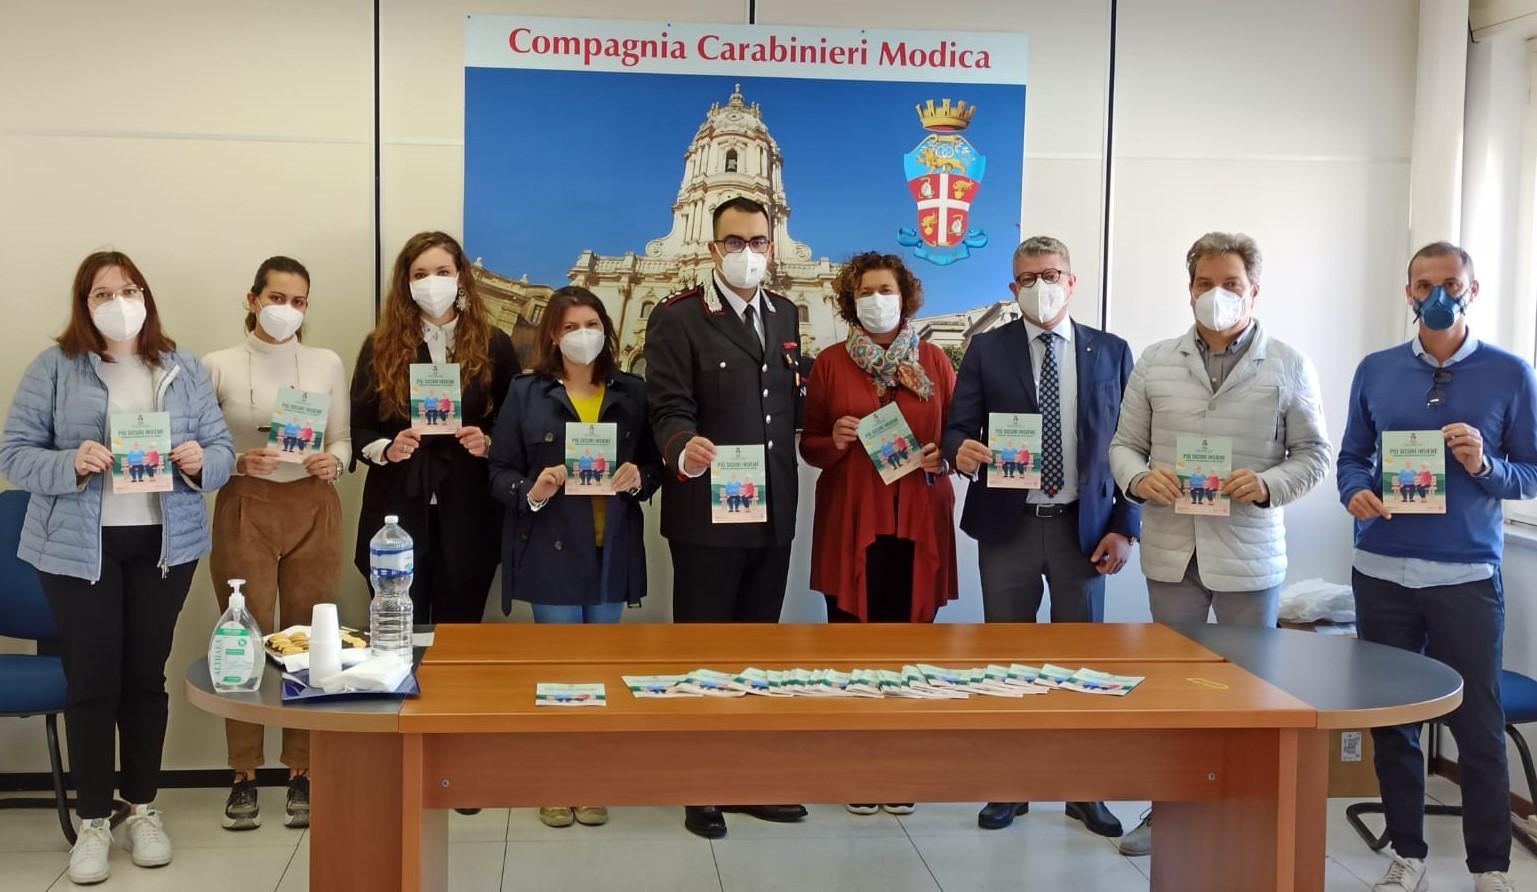 Modica, vademecum di Carabinieri e Rotary: come difendersi dalle truffe agli anziani